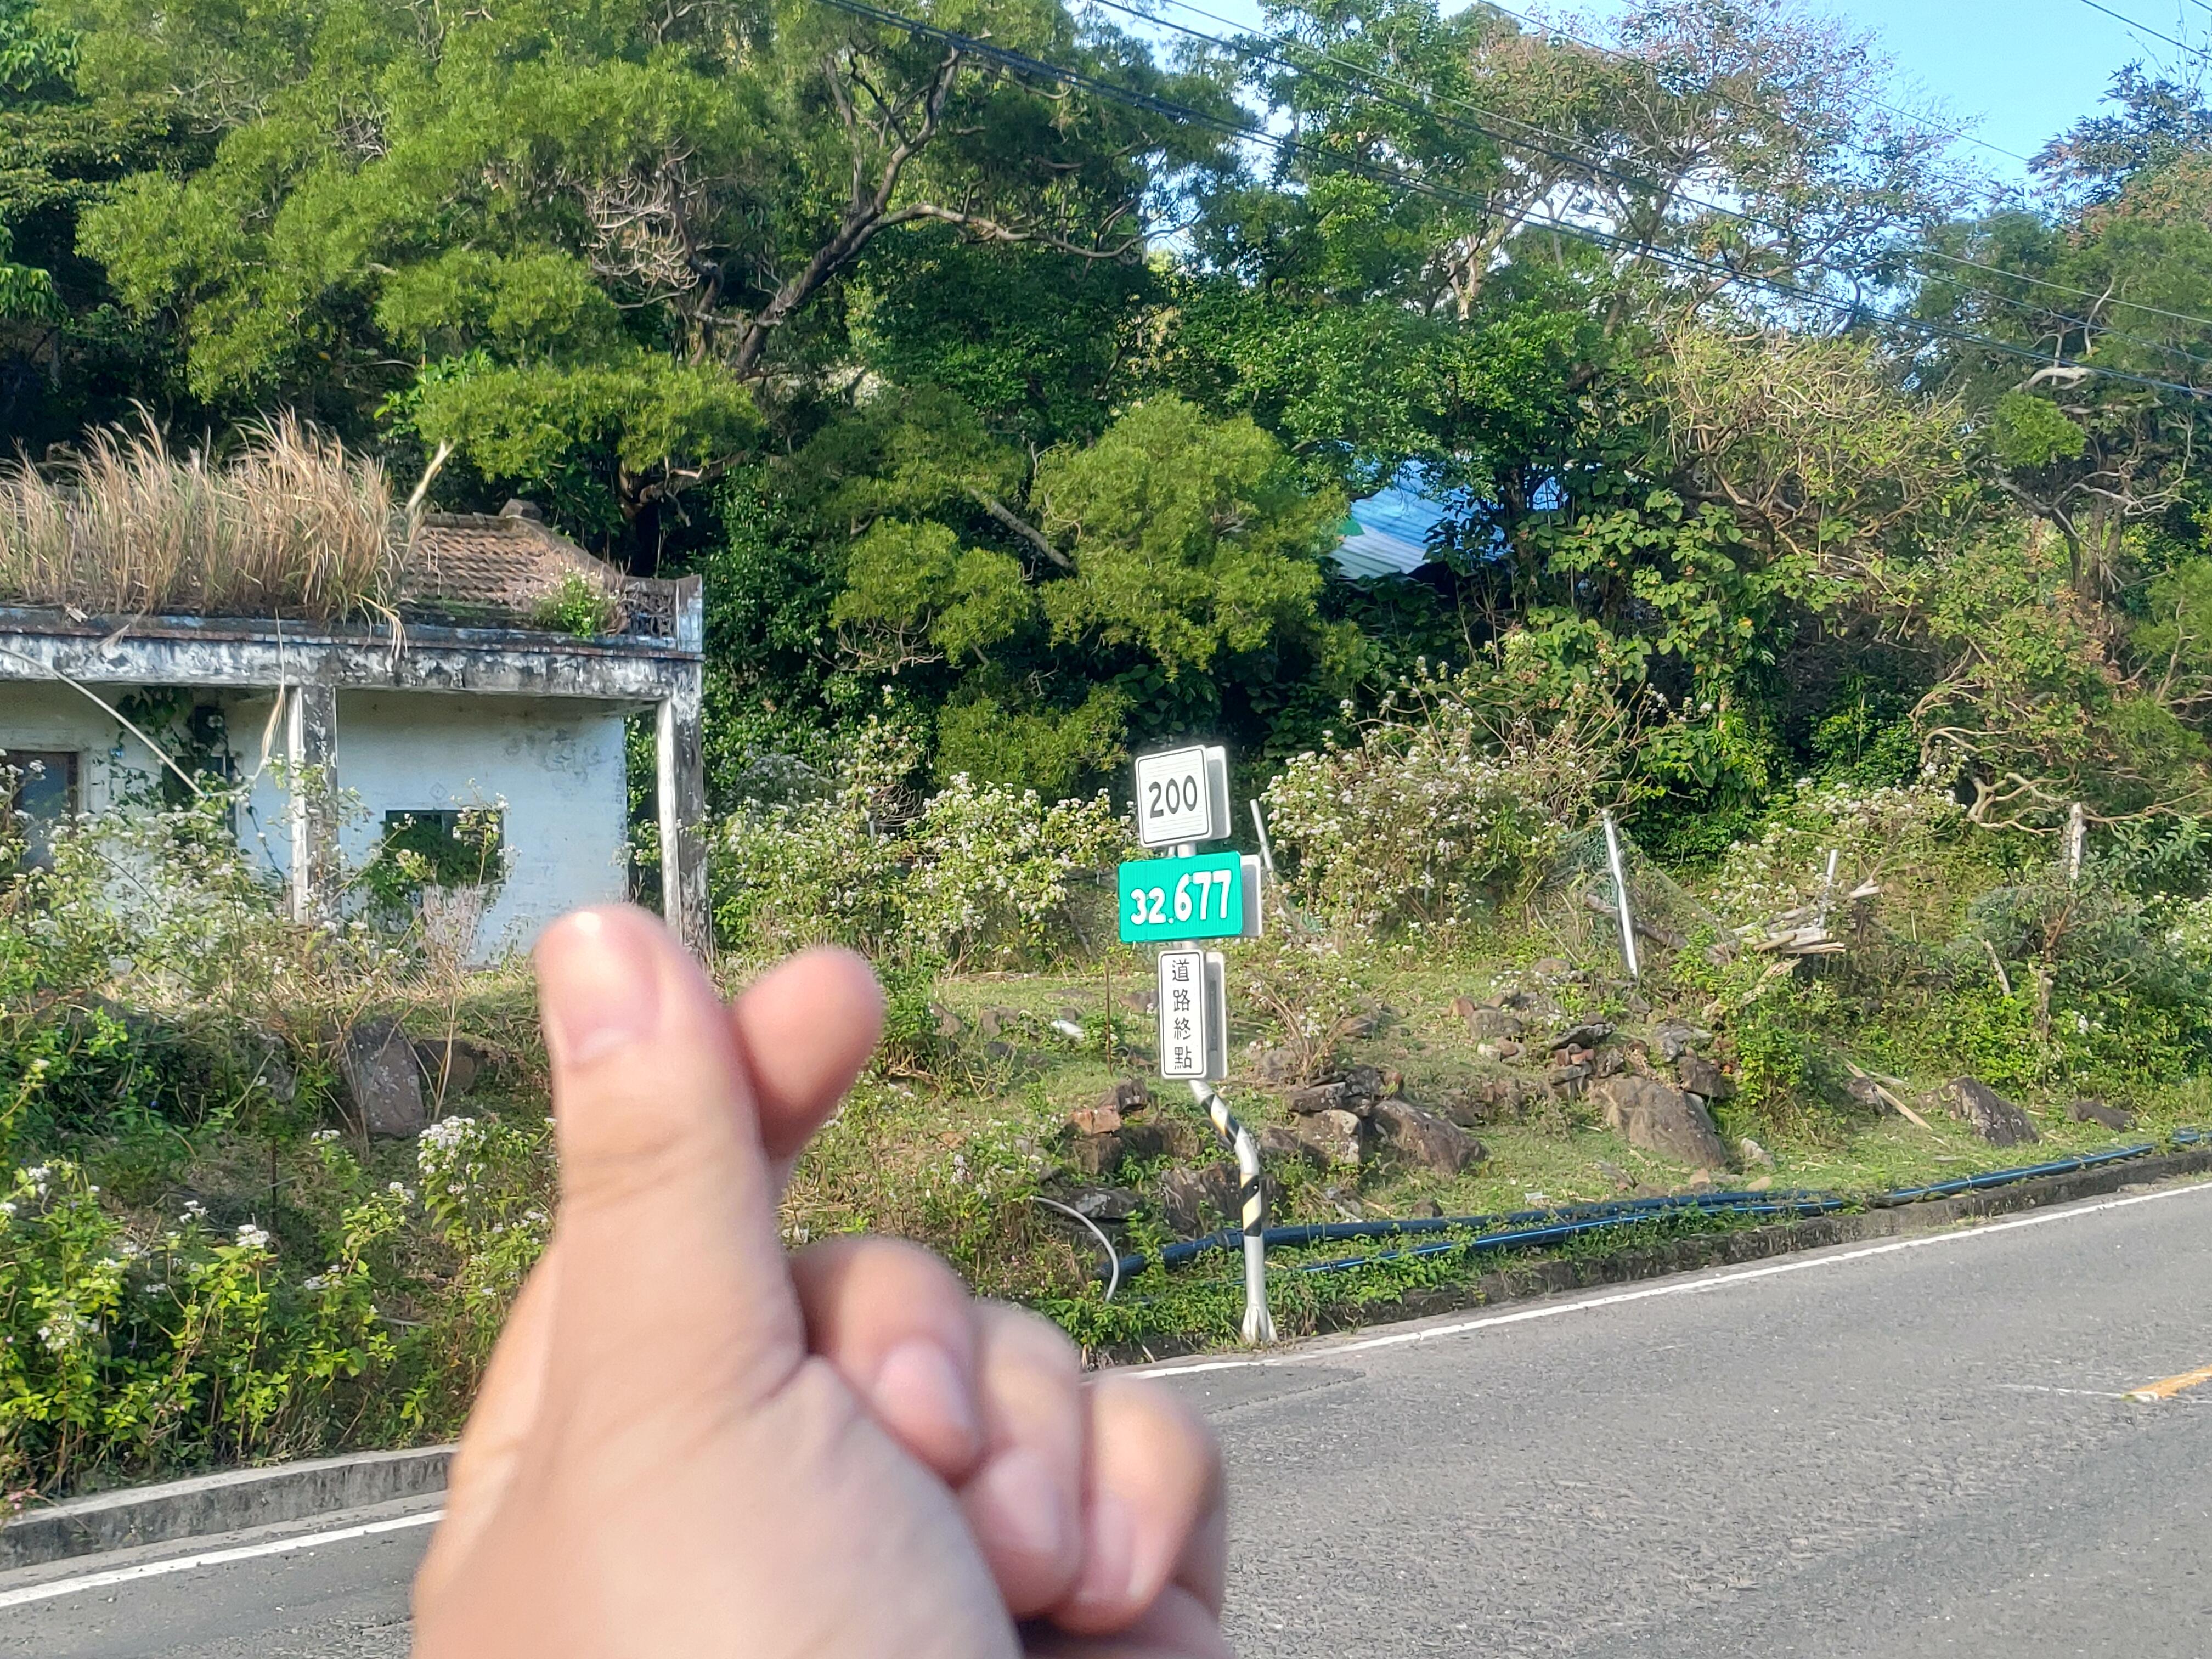 5th 走!去騎摩托車吧!六天五夜山海奇行環島之旅6003